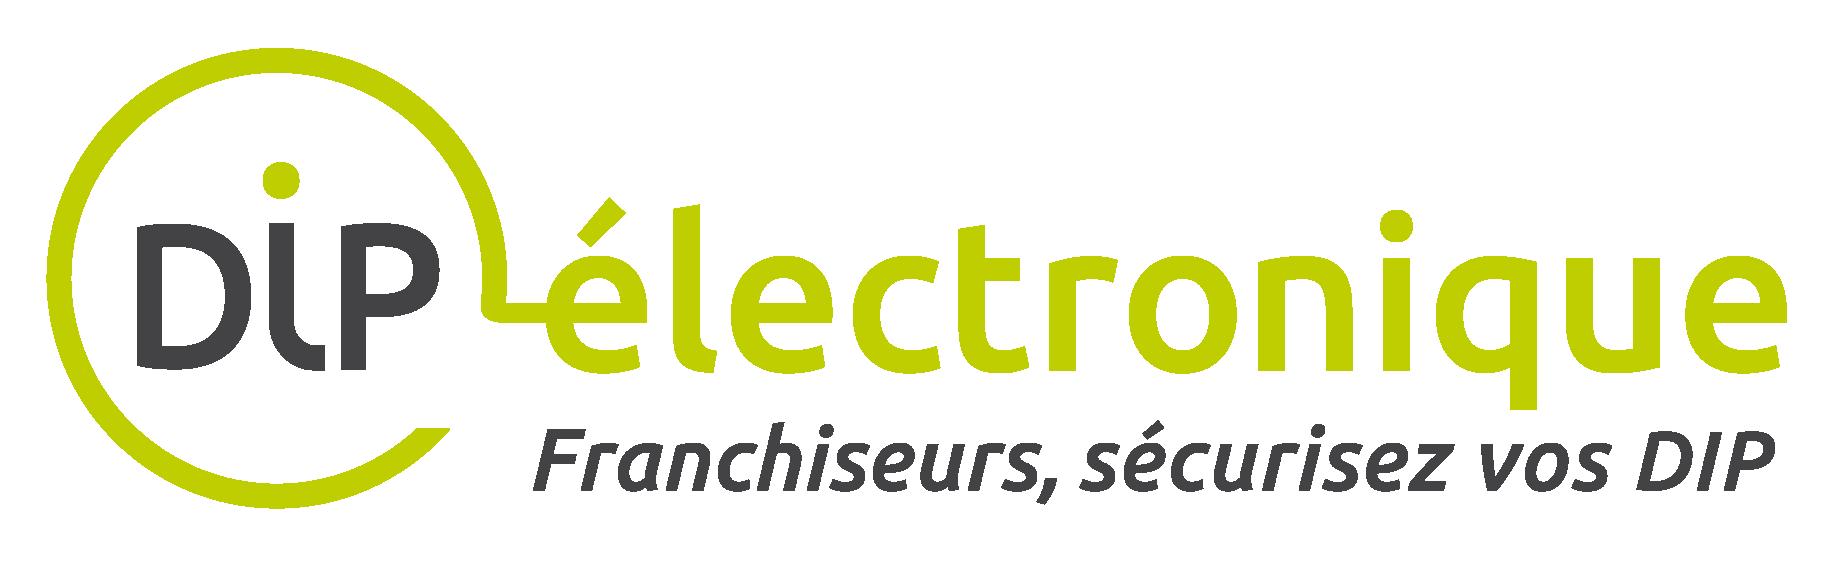 DIP electronique